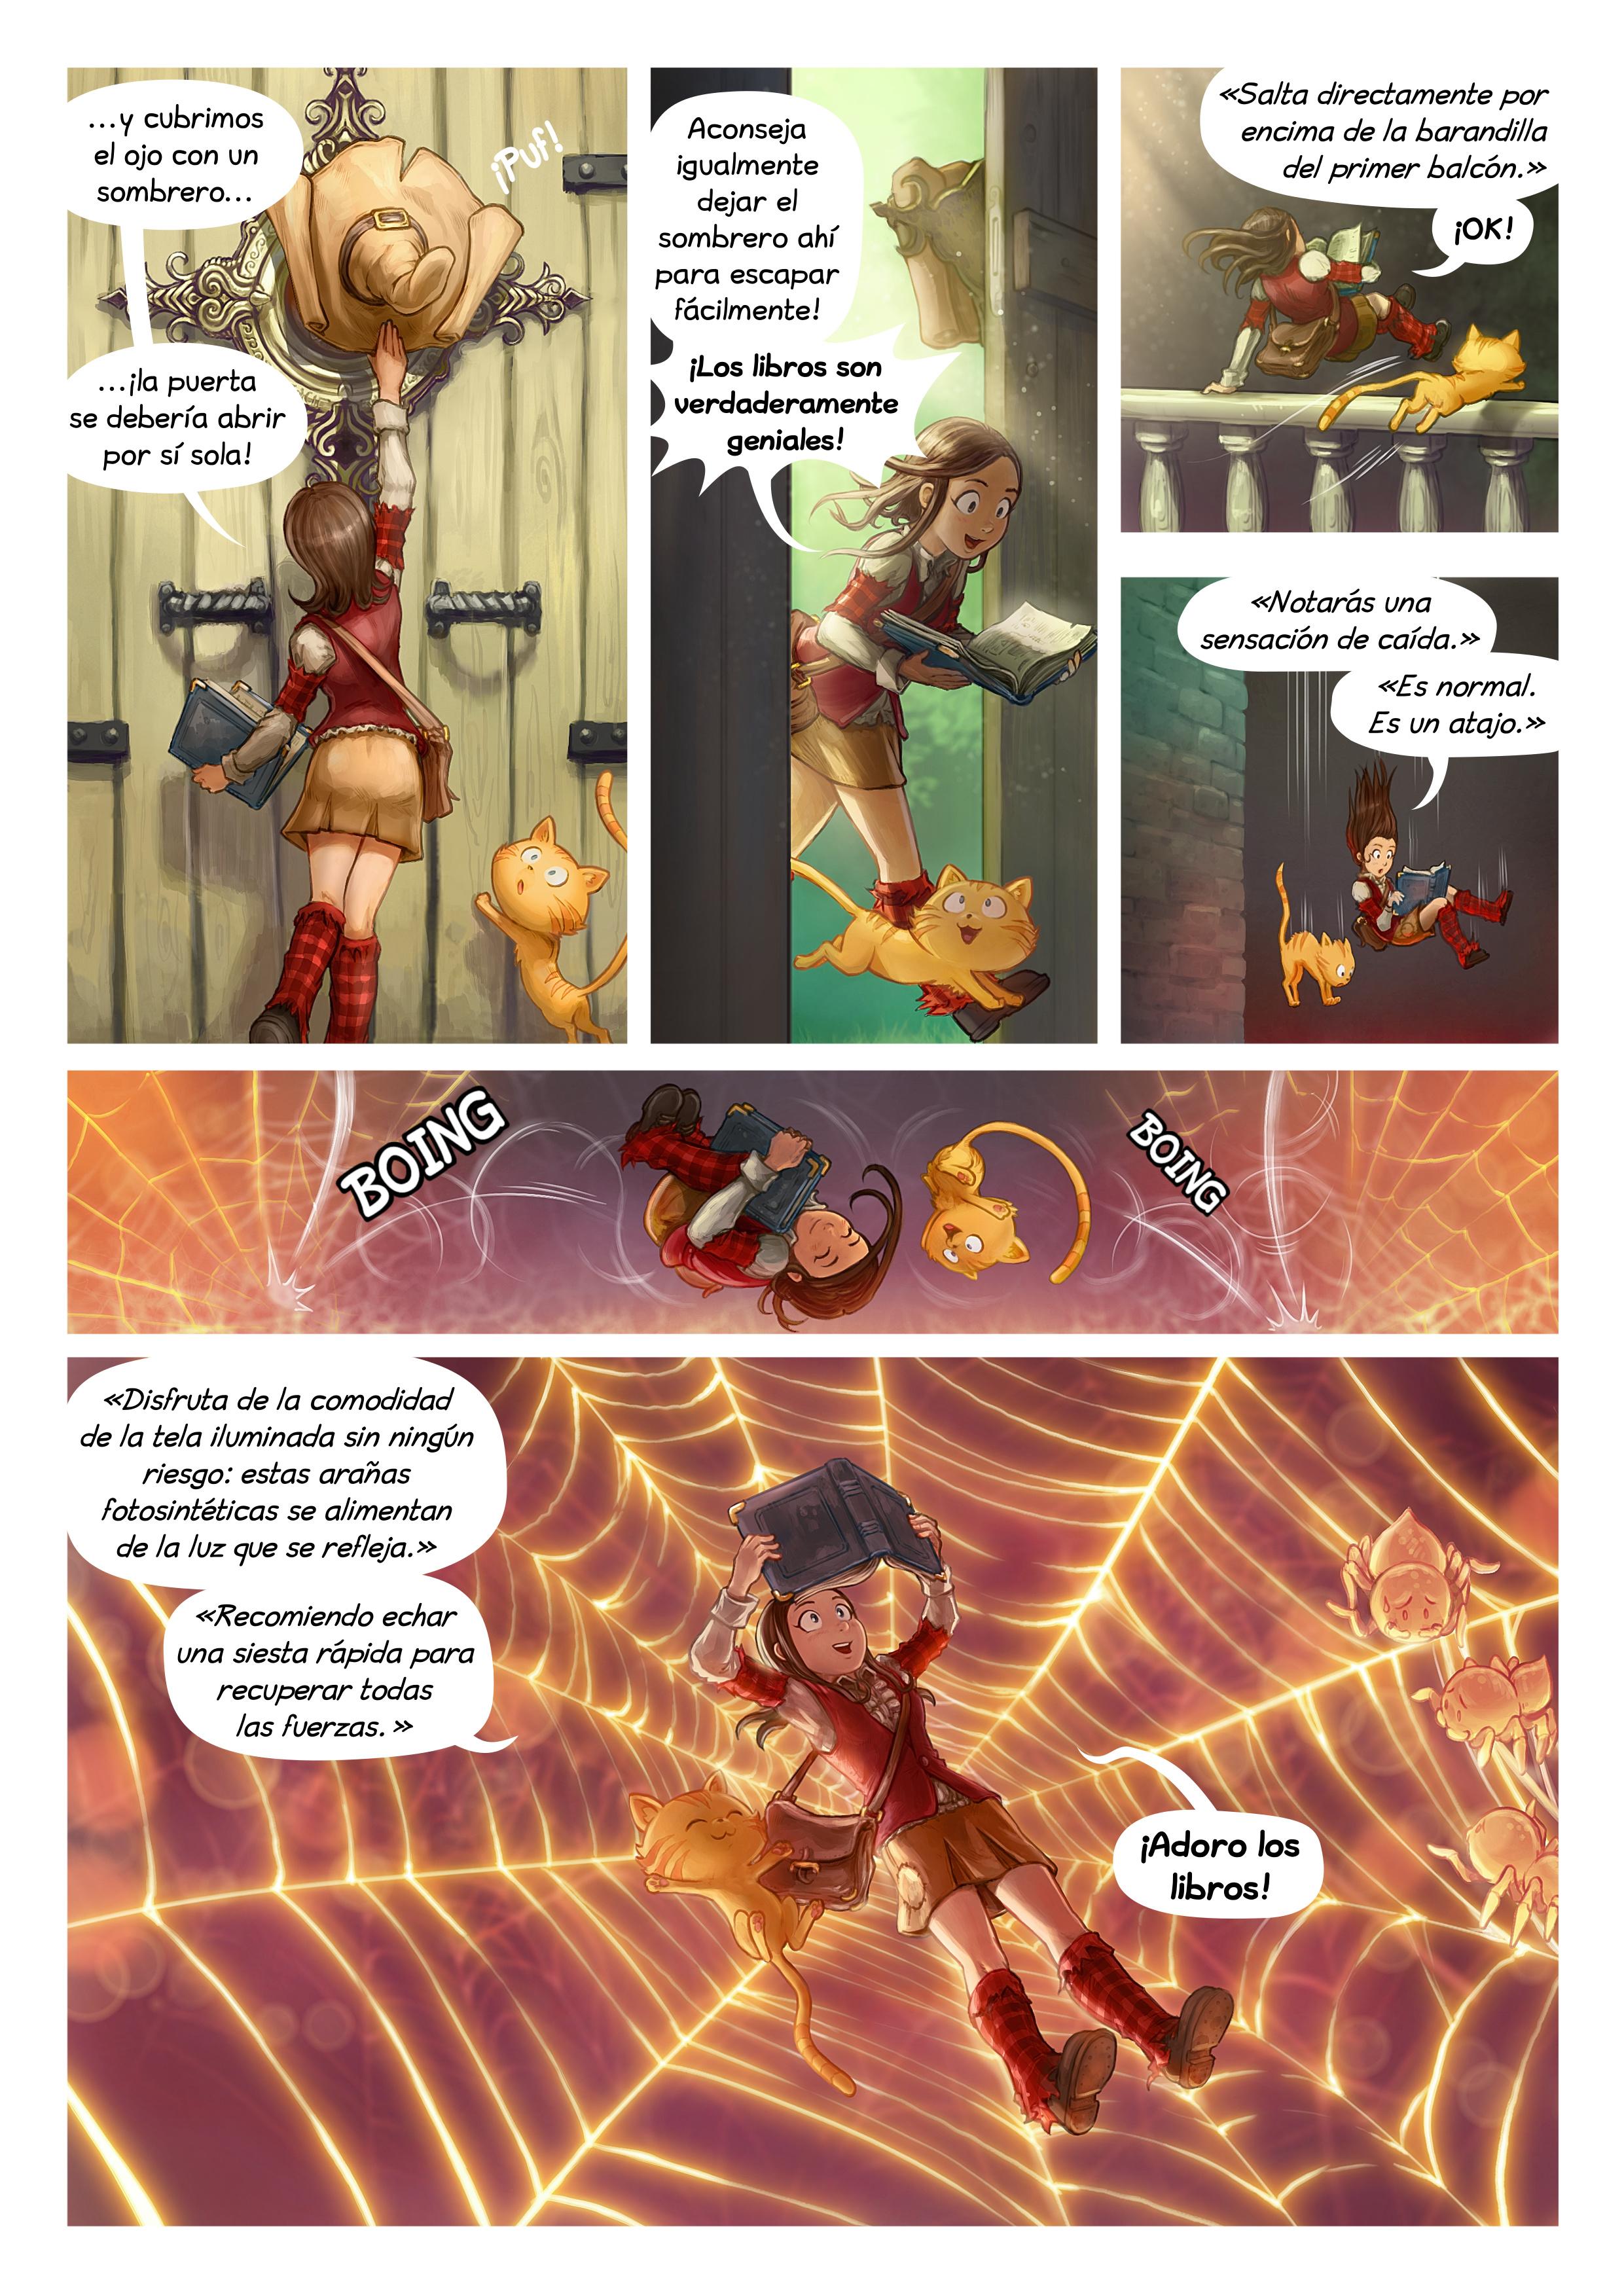 Episodio 26: Los libros son geniales, Page 2